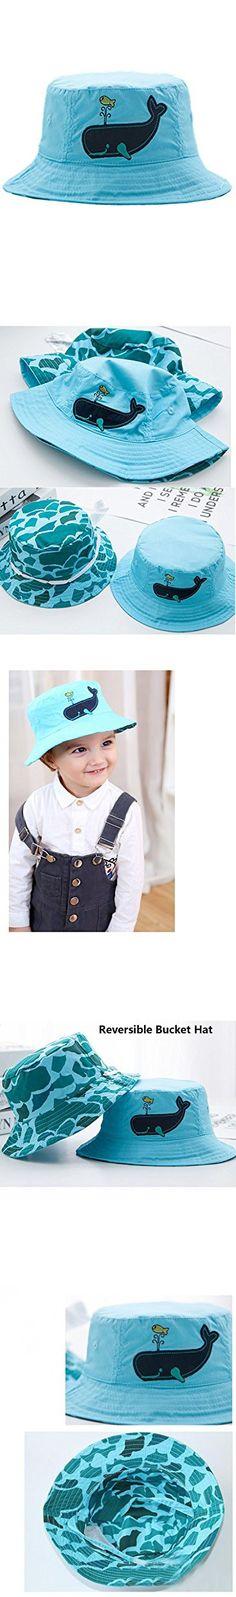 Baseball Heart Argentina Flag Newborn Baby Newborn Short Sleeve T-Shirt 6-24 Month Soft Tops